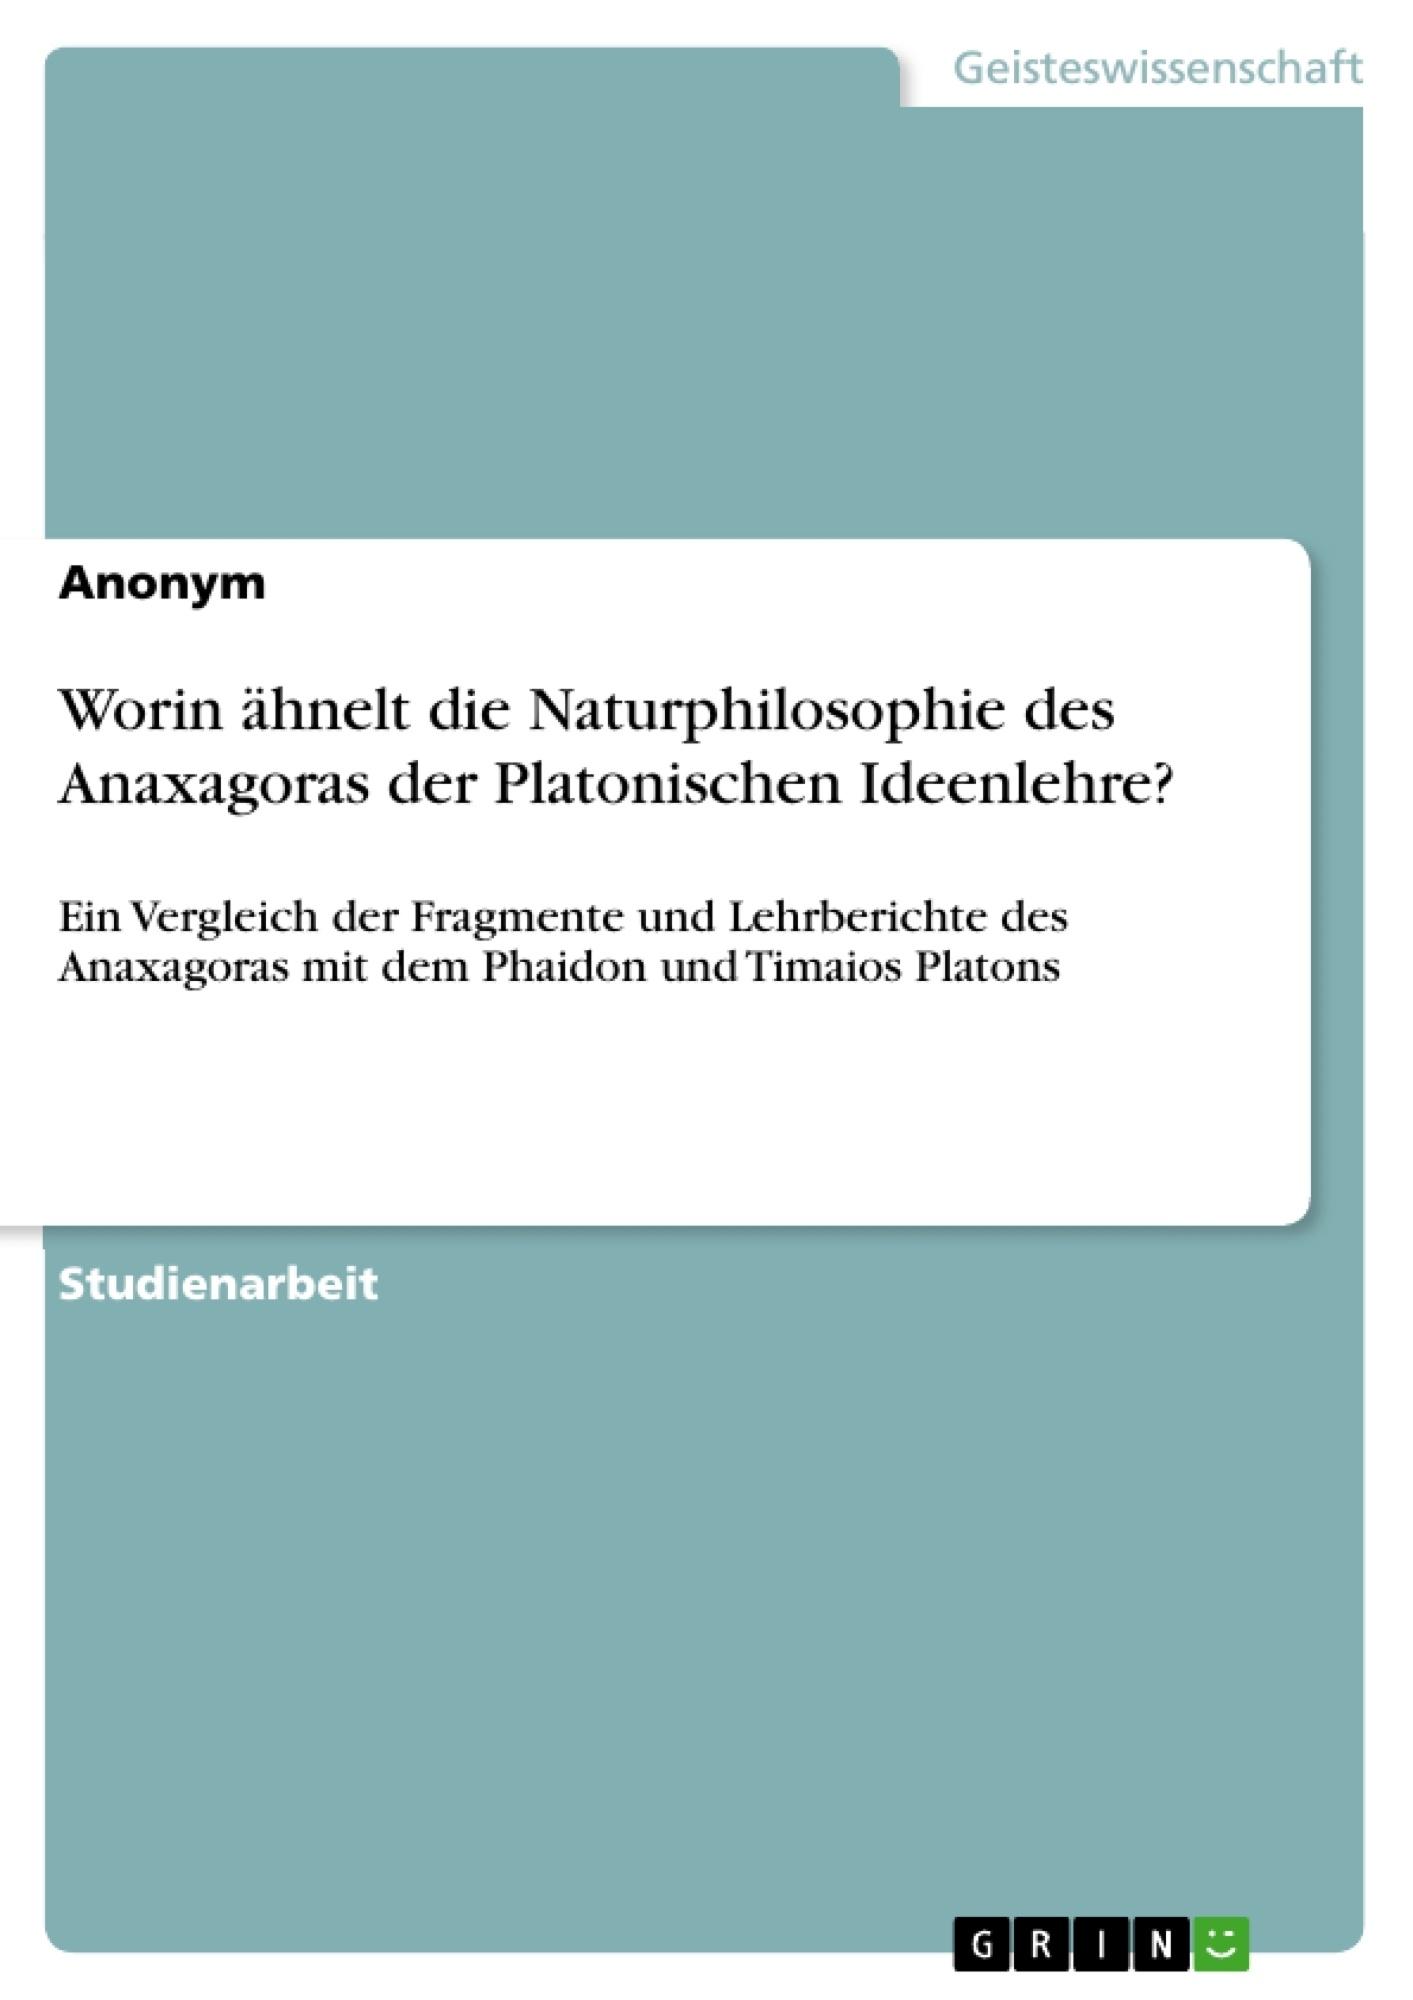 Titel: Worin ähnelt die Naturphilosophie des Anaxagoras der Platonischen Ideenlehre?